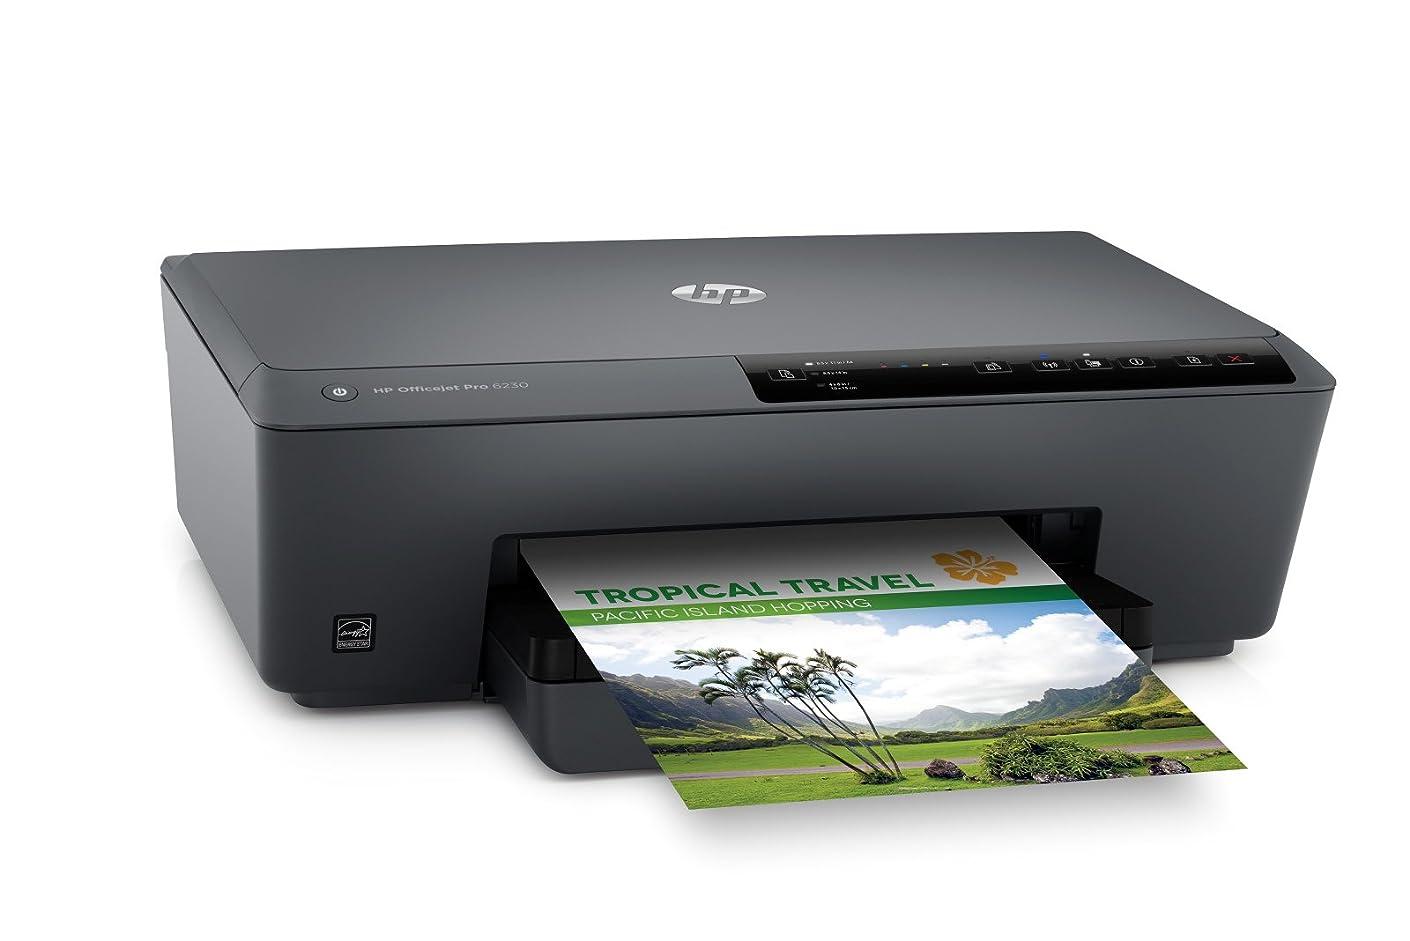 違う死ぬサドルHP プリンター インクジェット Officejet Pro 6230 E3E03A#ABJ ( ワイヤレス? / 自動両面印刷 / 4色独立 ) ヒューレット?パッカード